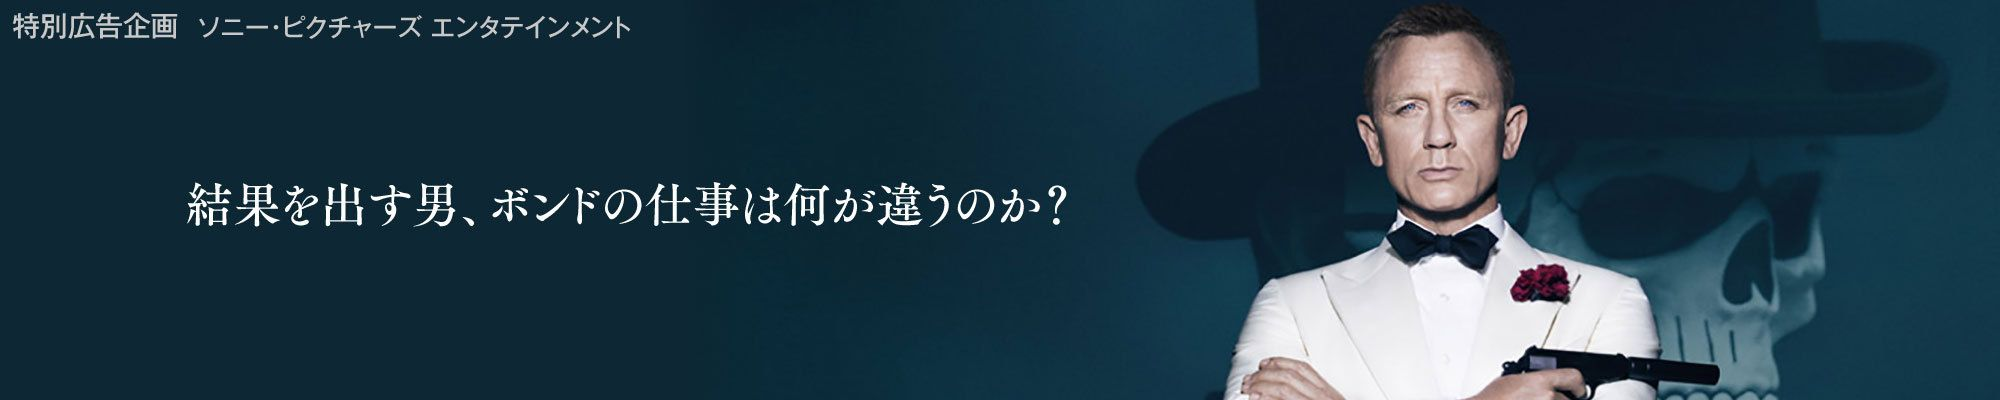 ソニー・ピクチャーズ